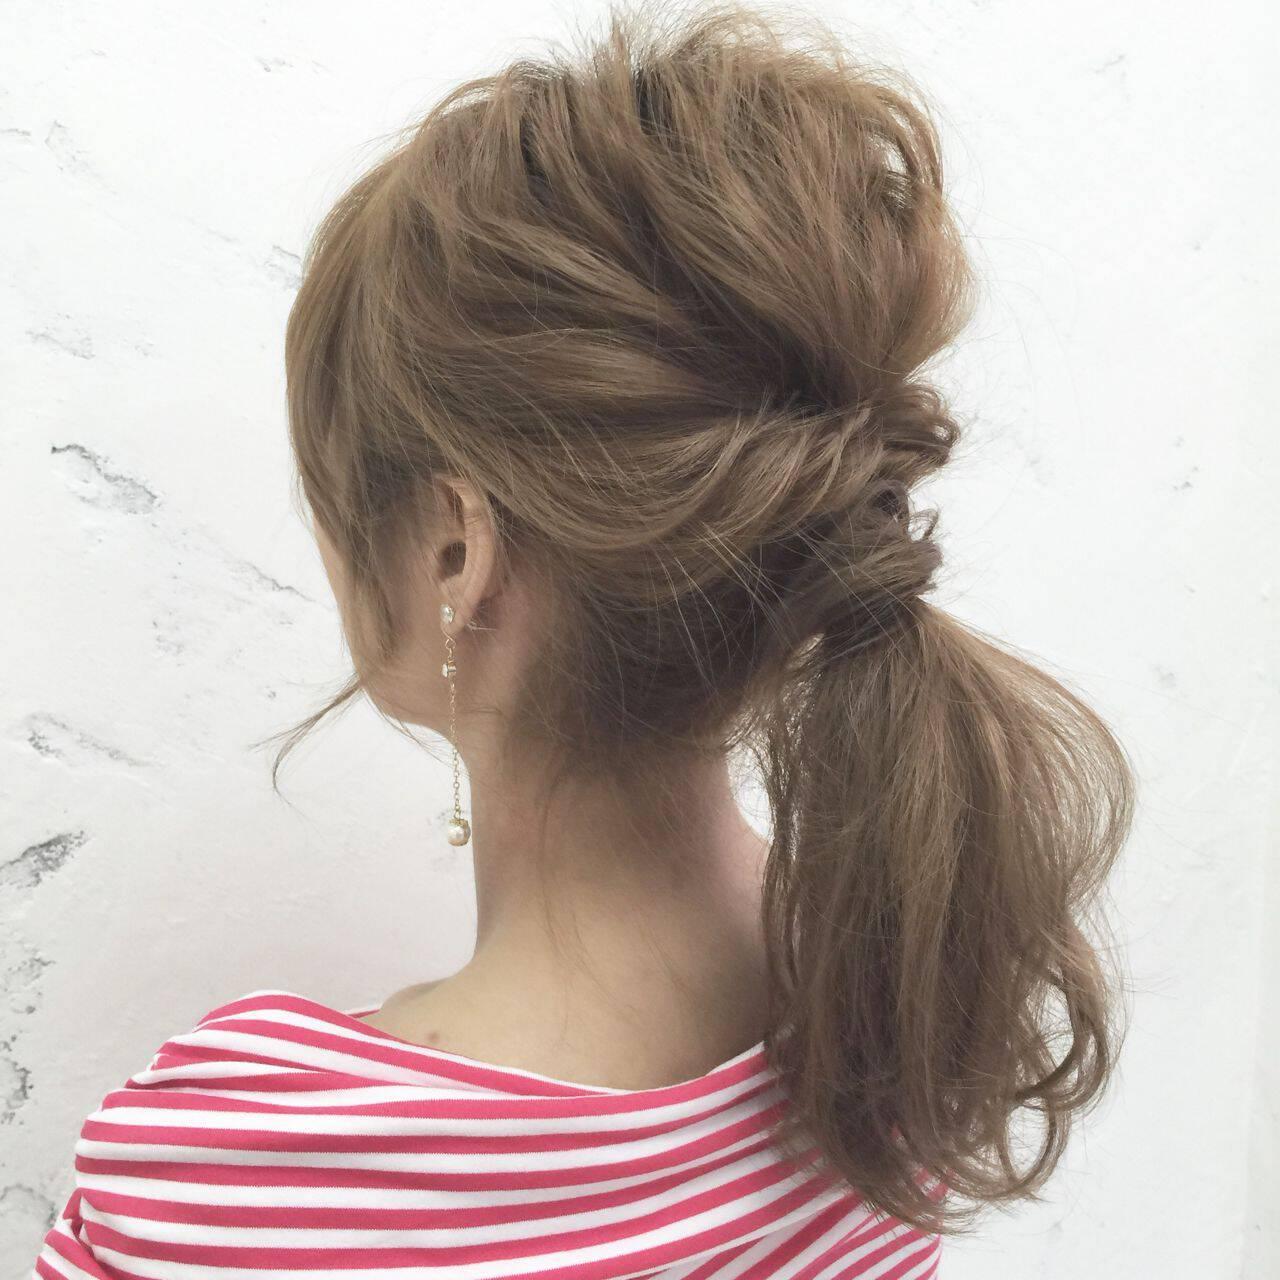 ポニーテール 愛され モテ髪 ヘアアレンジヘアスタイルや髪型の写真・画像